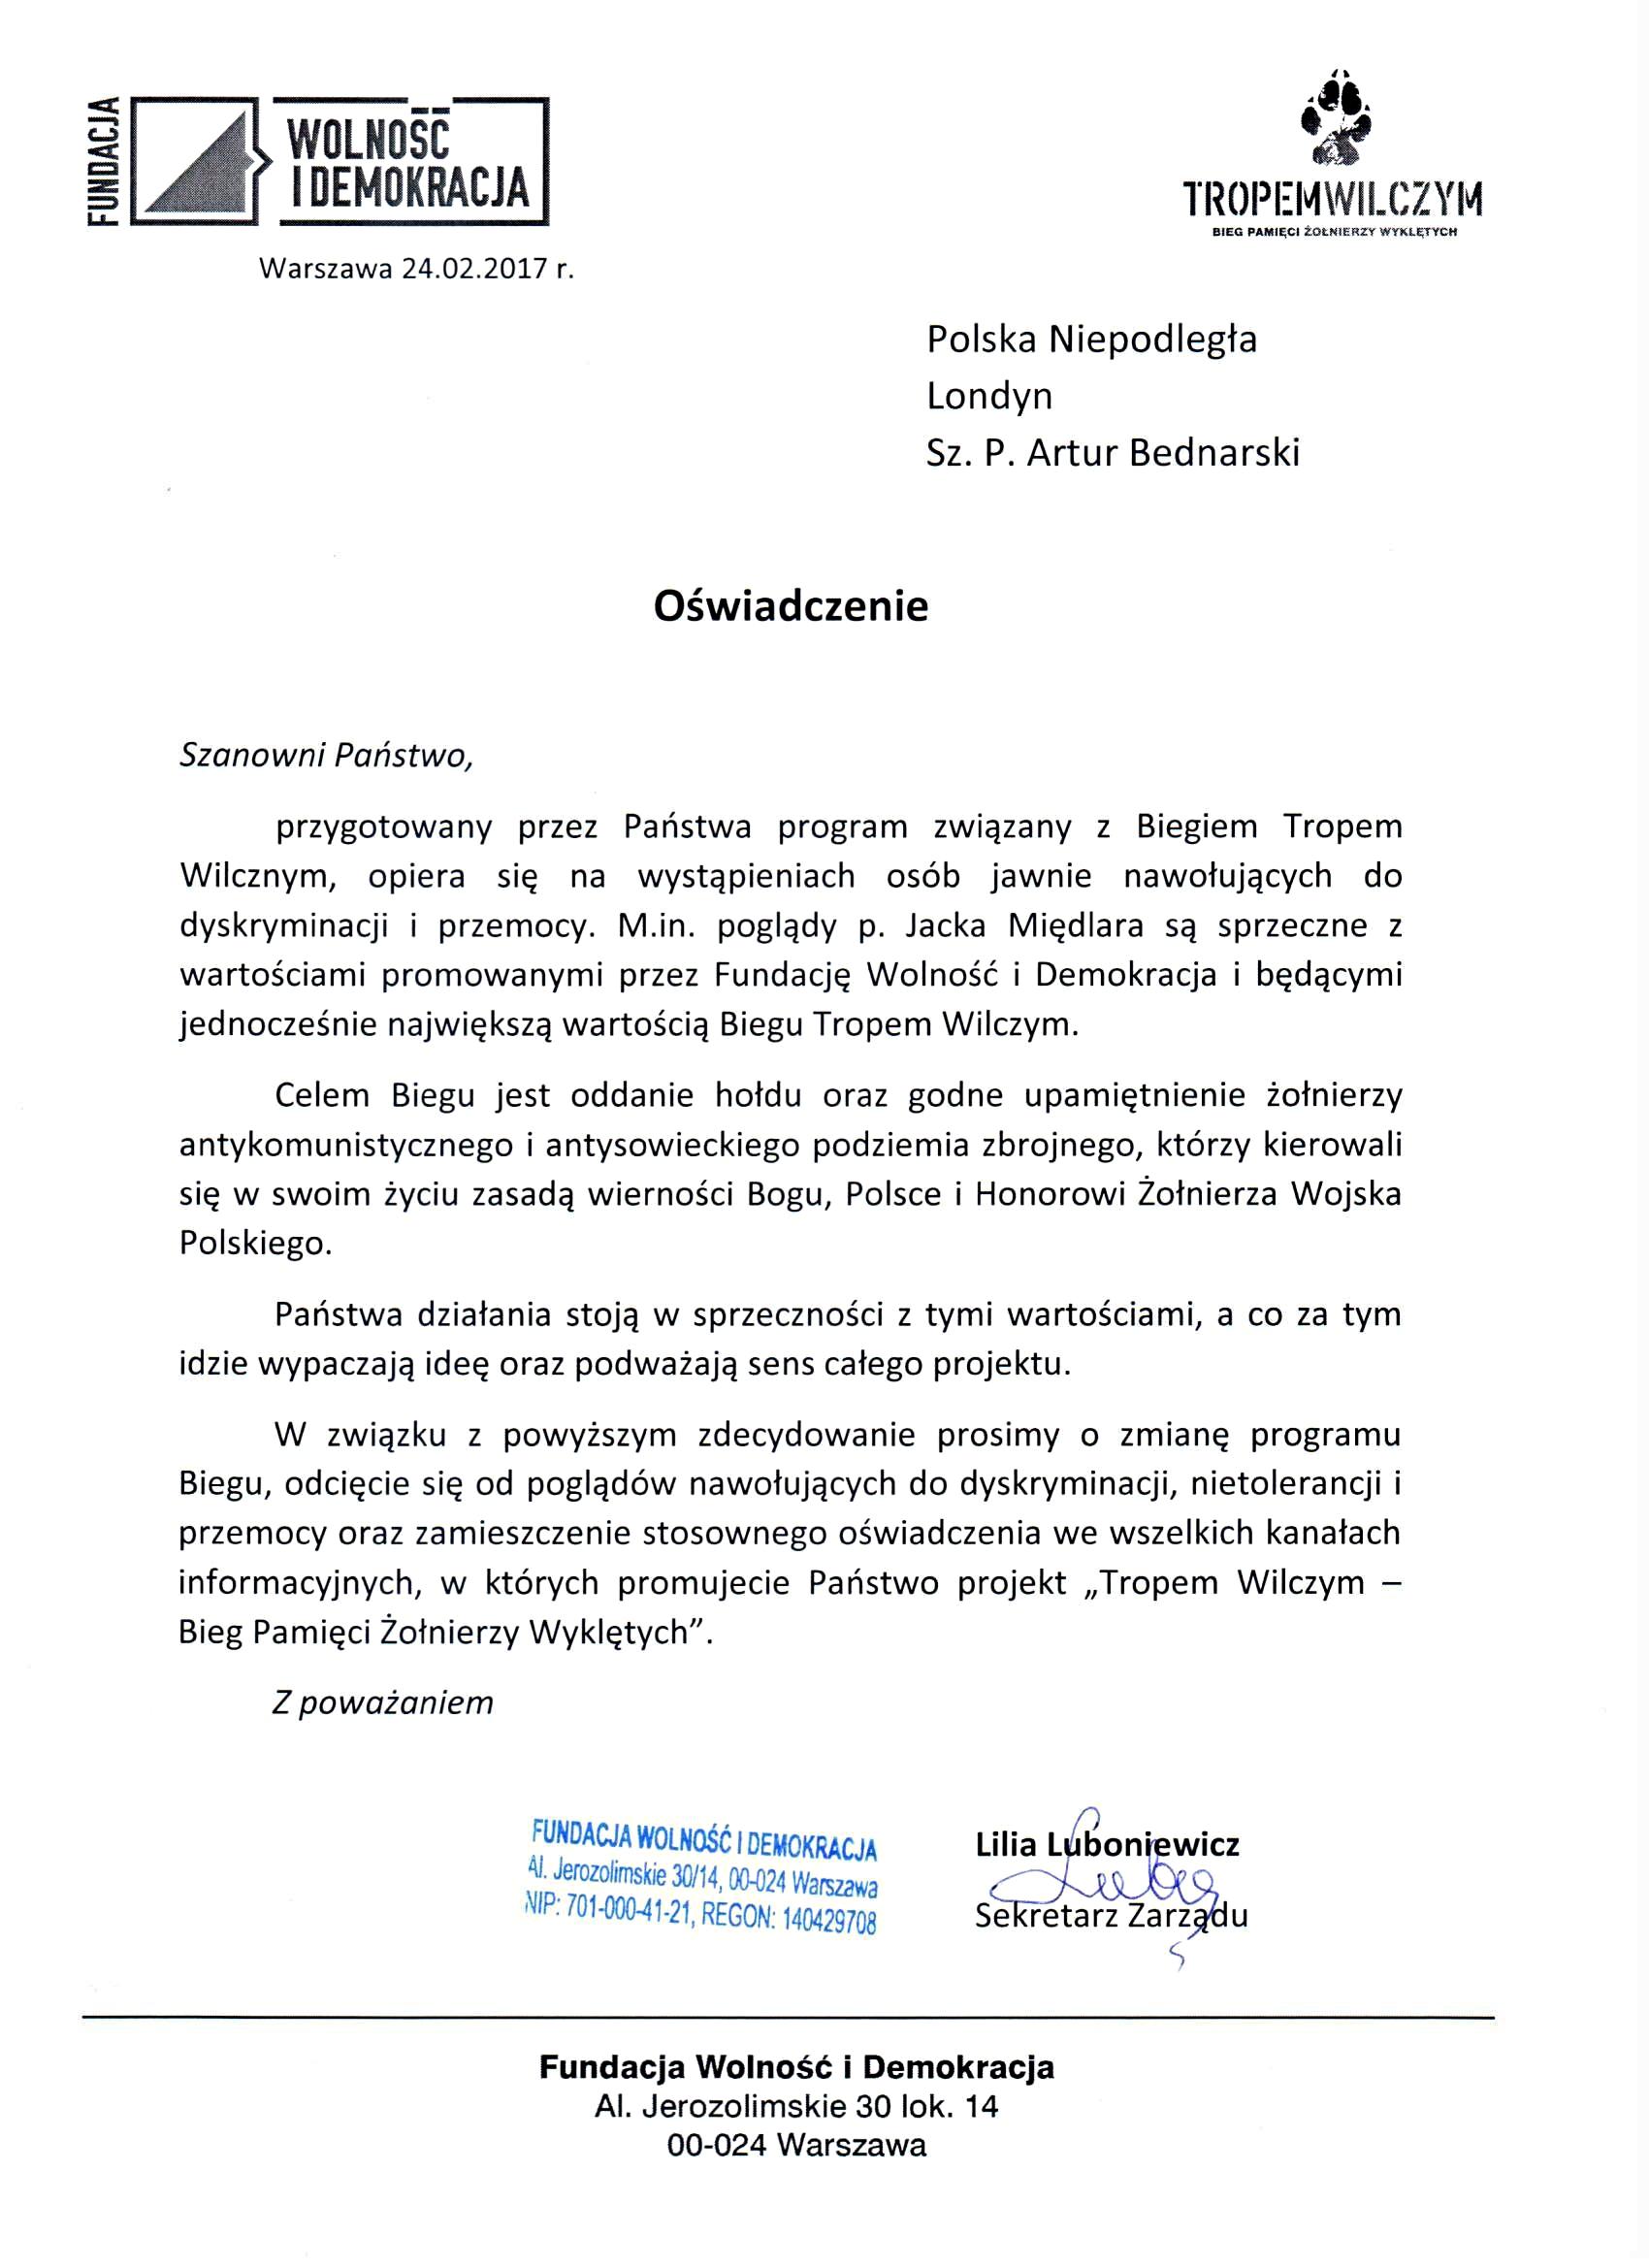 """Oświadczenie Zarządu Fundacji Wolność i Demokracja w sprawie organizacji biegu """"Tropem Wilczym"""" w Londynie"""